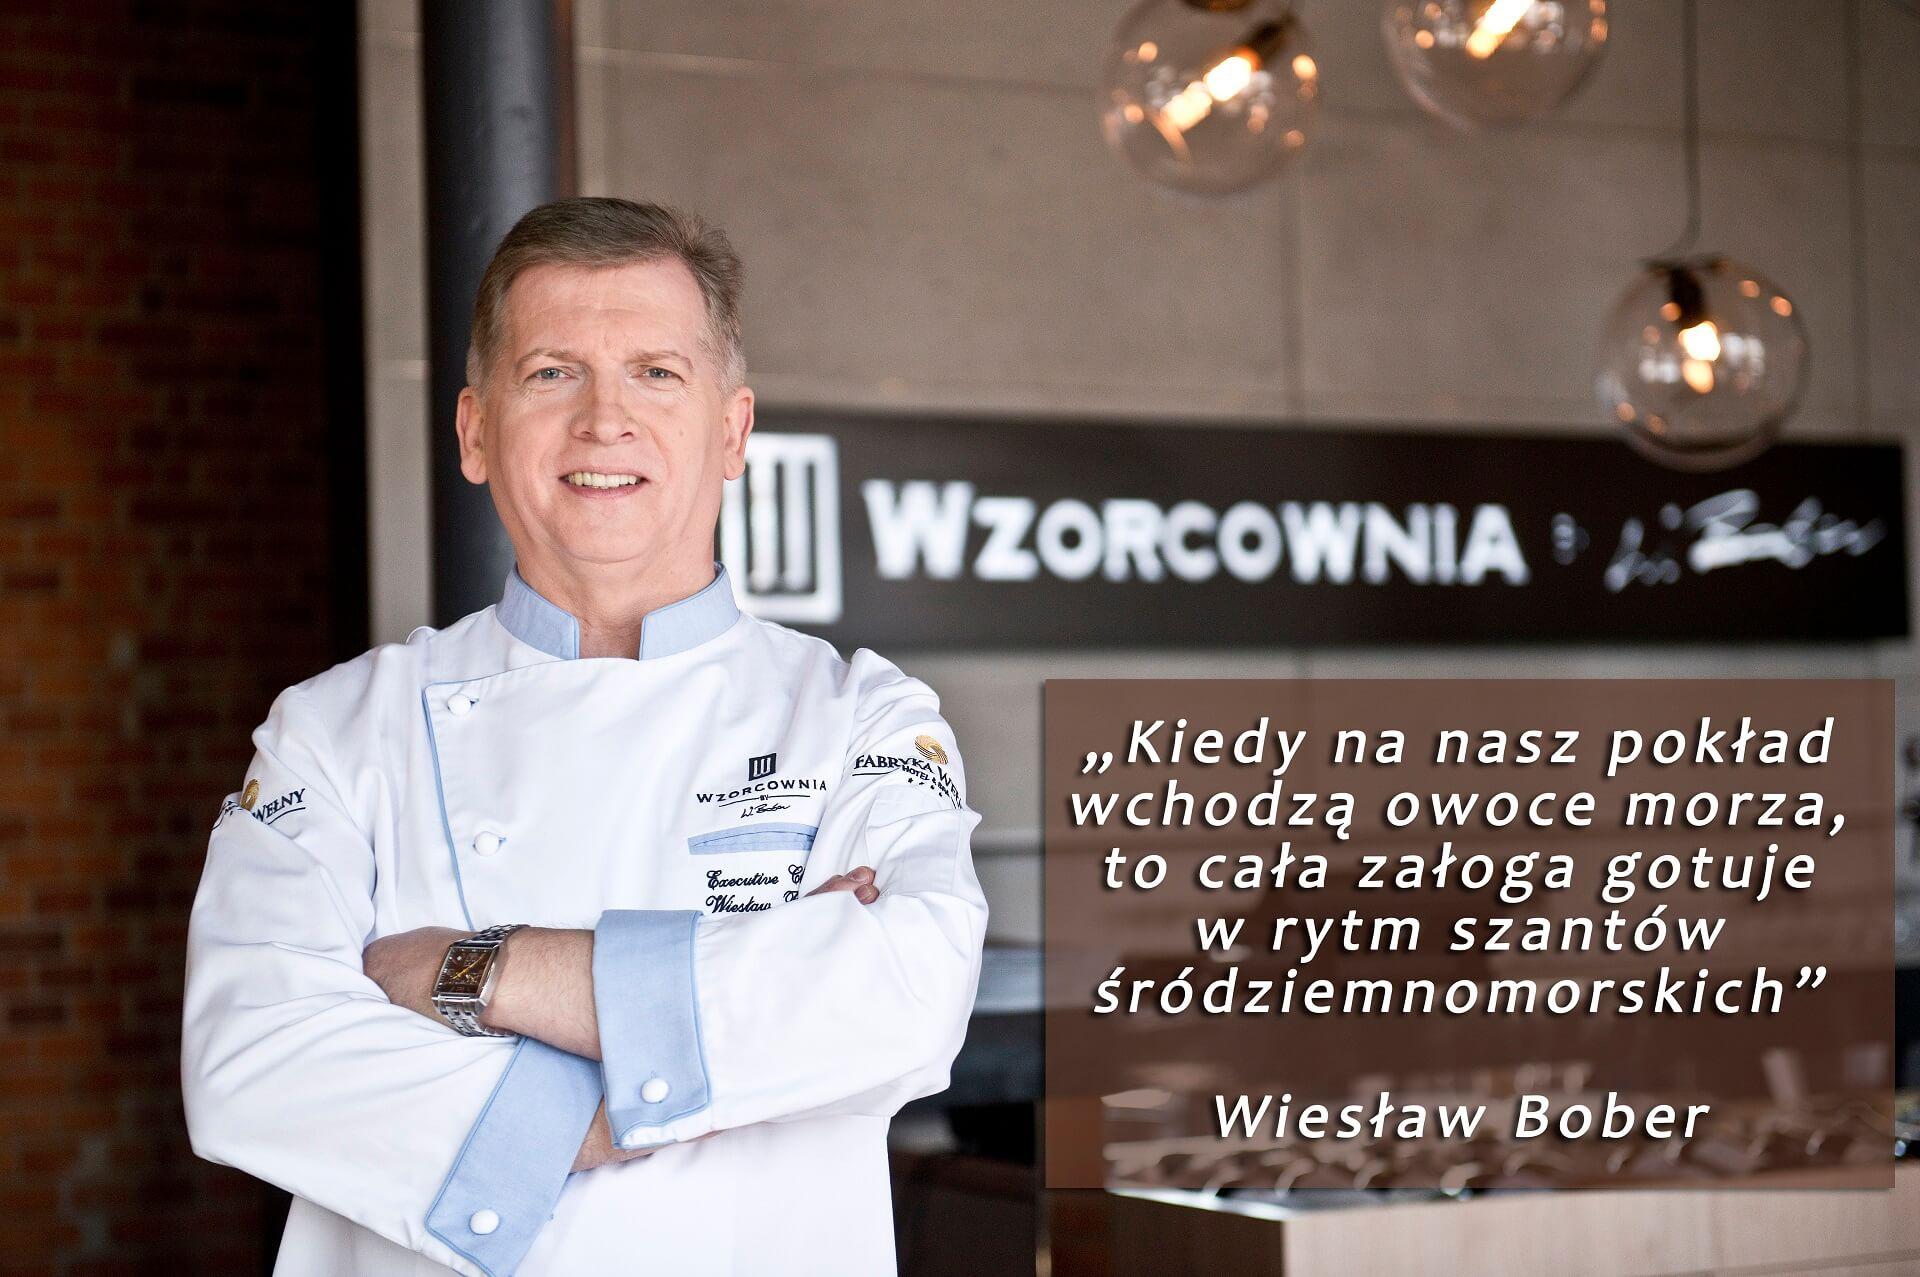 Owoce morza w autorskiej restauracji Wzorcownia